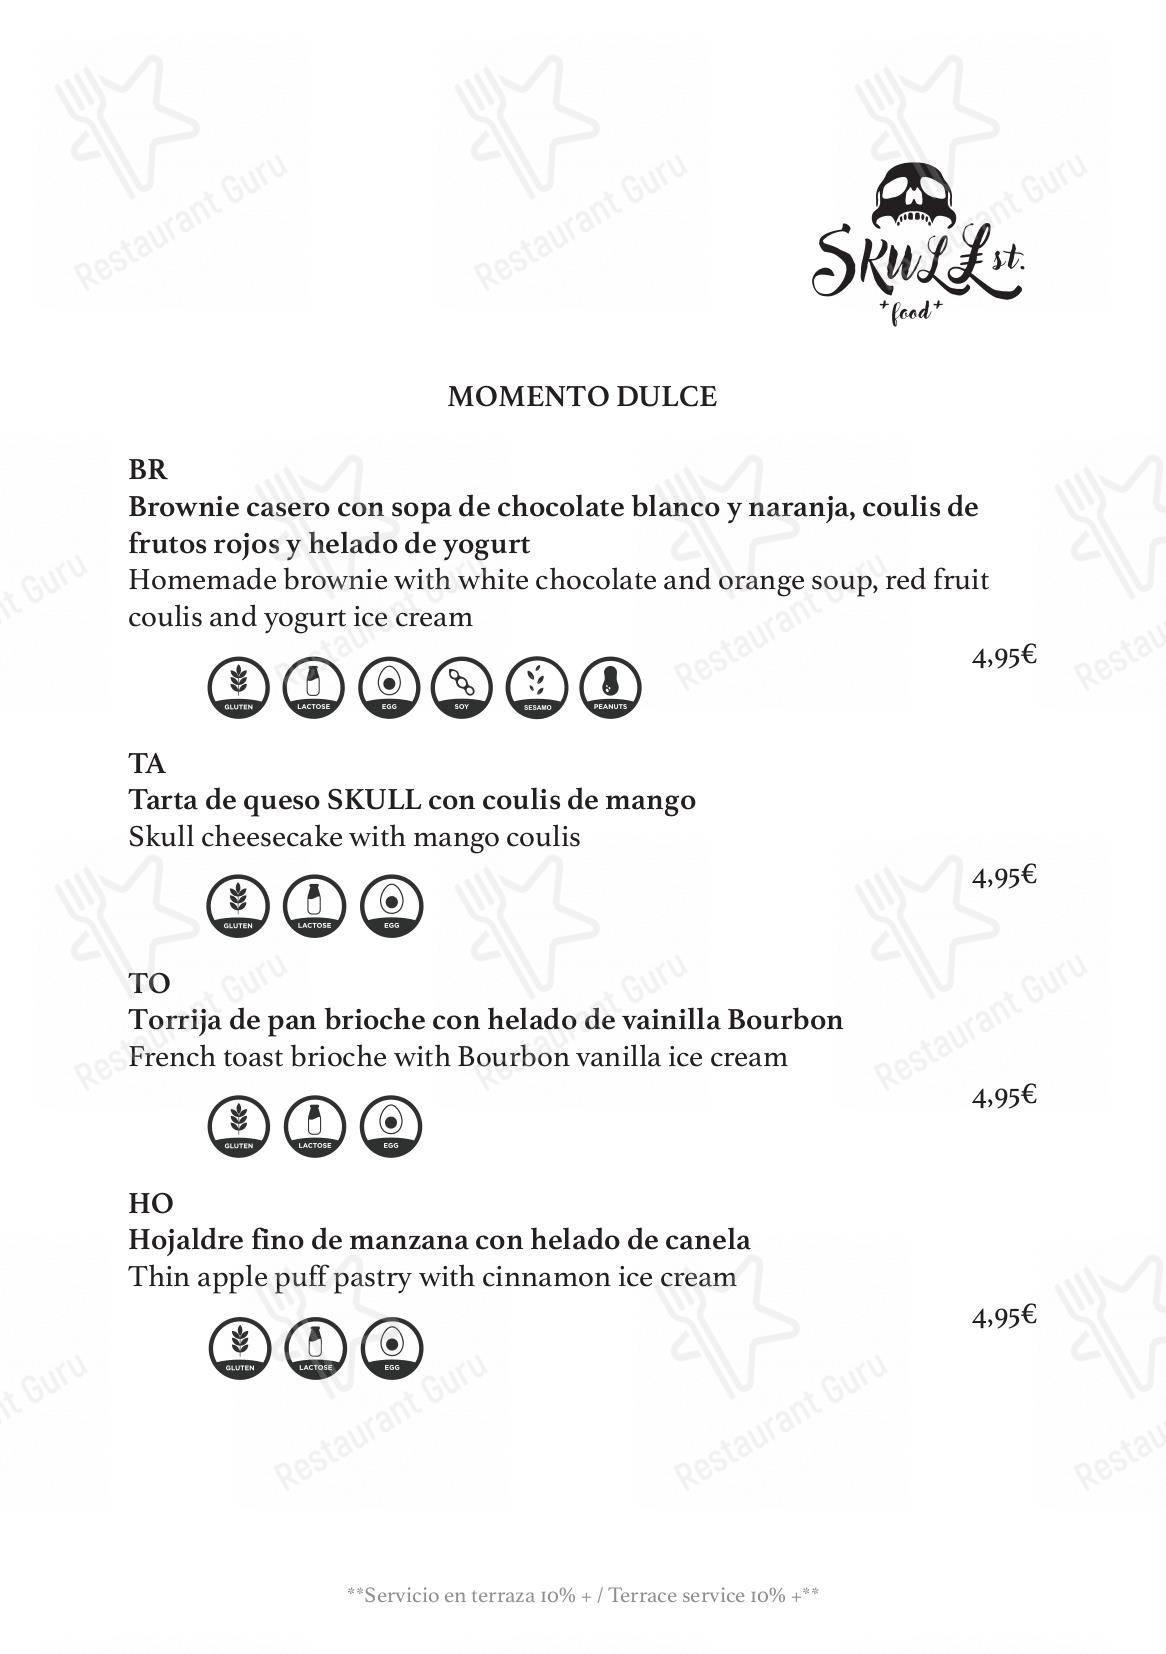 Carta de Skull St. restaurante